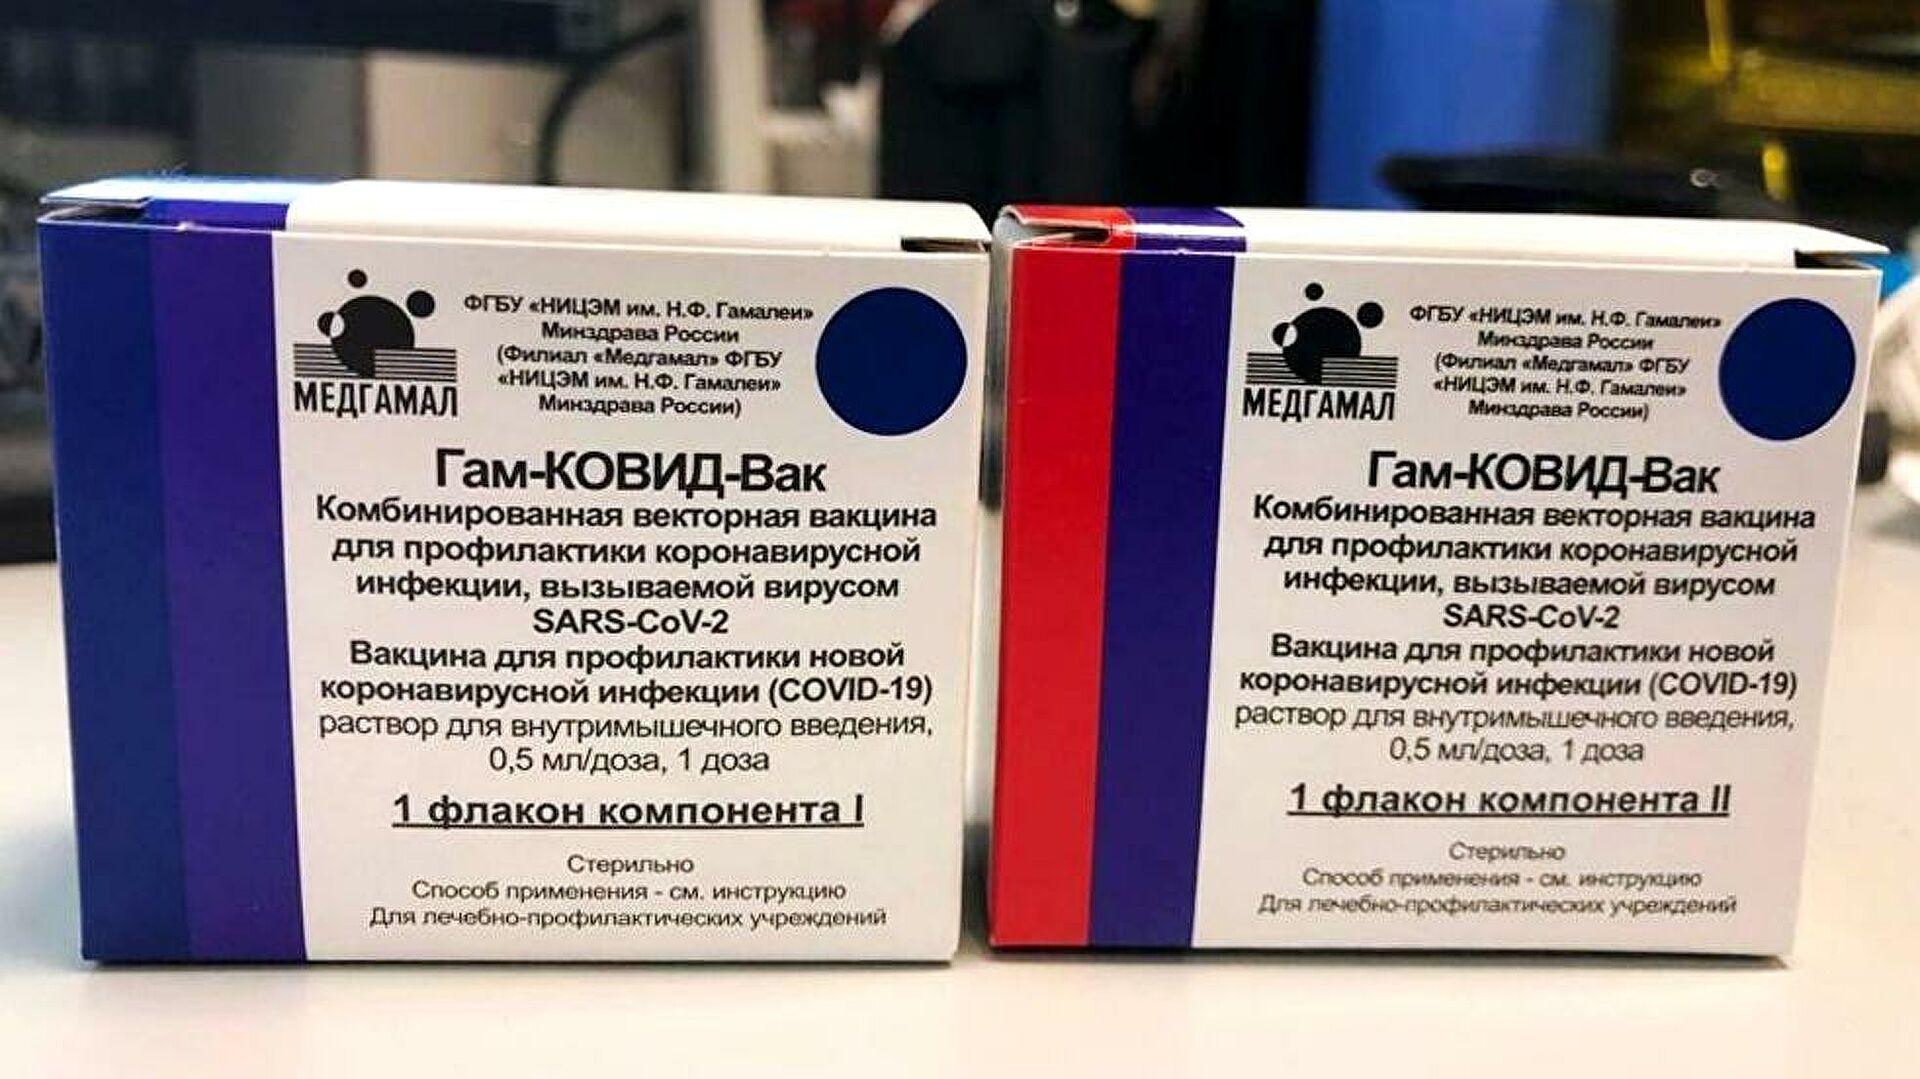 В Кузнецк поступила очередная партия вакцины от коронавирусной инфекции